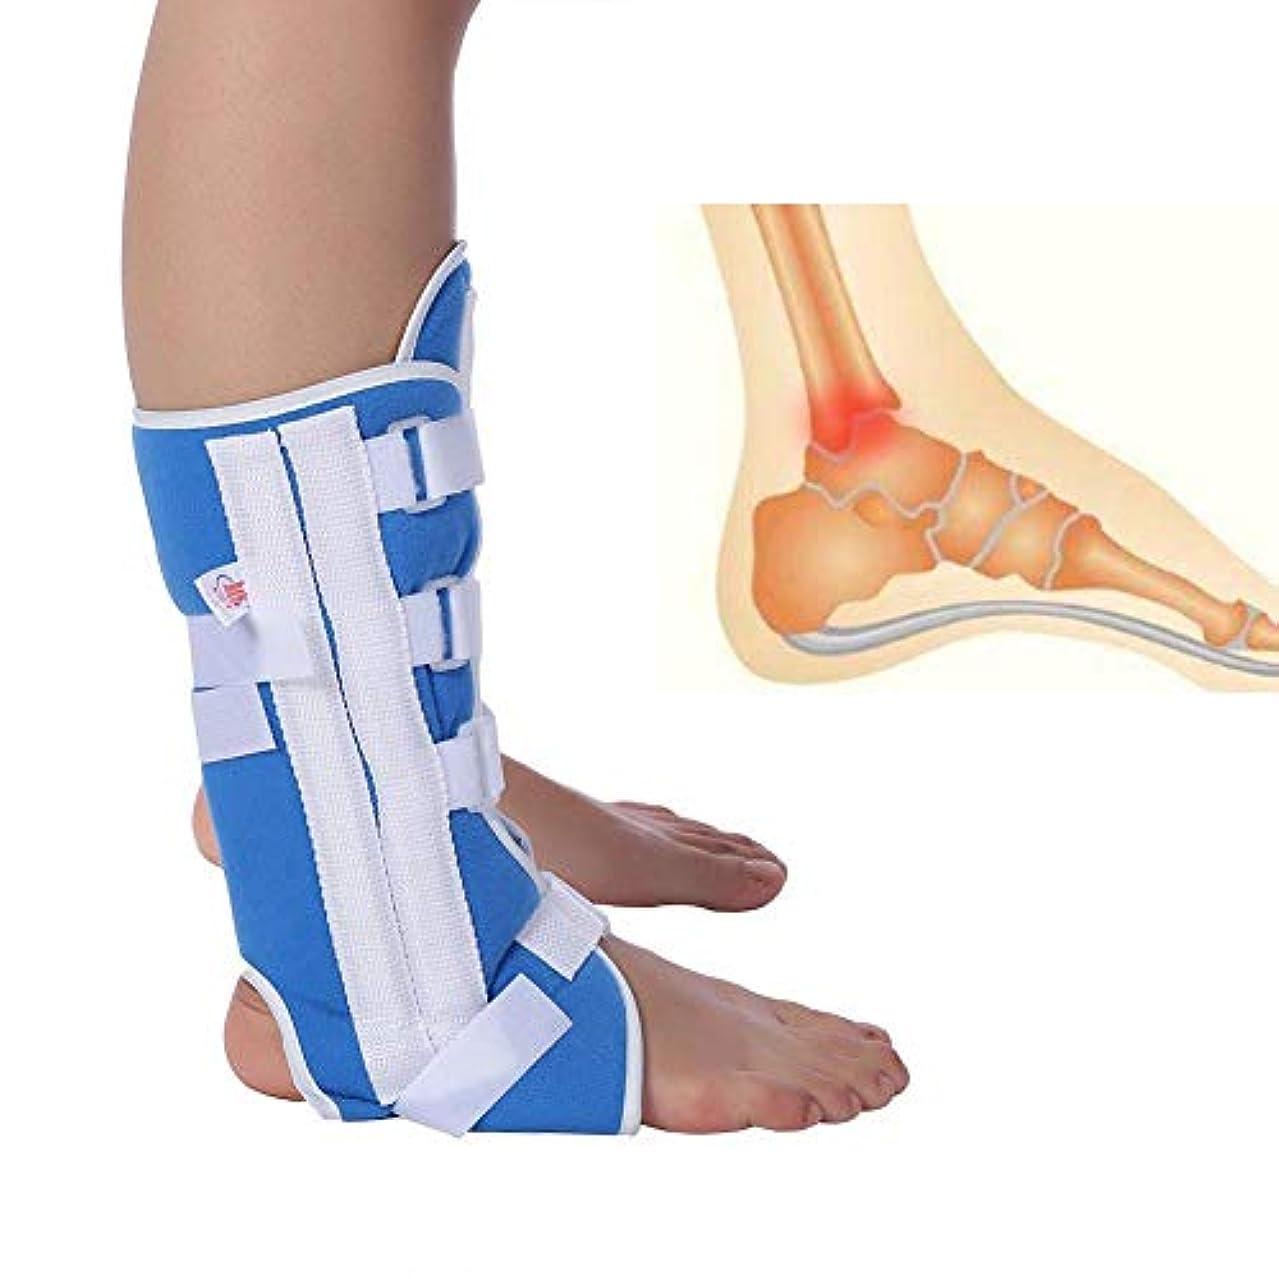 連帯欠如疲れた足首関節の外部固定、調整可能な関節保護足首ストラップ装具捻rainストラップフットブレースサポート痛み緩和保護ブレース,M